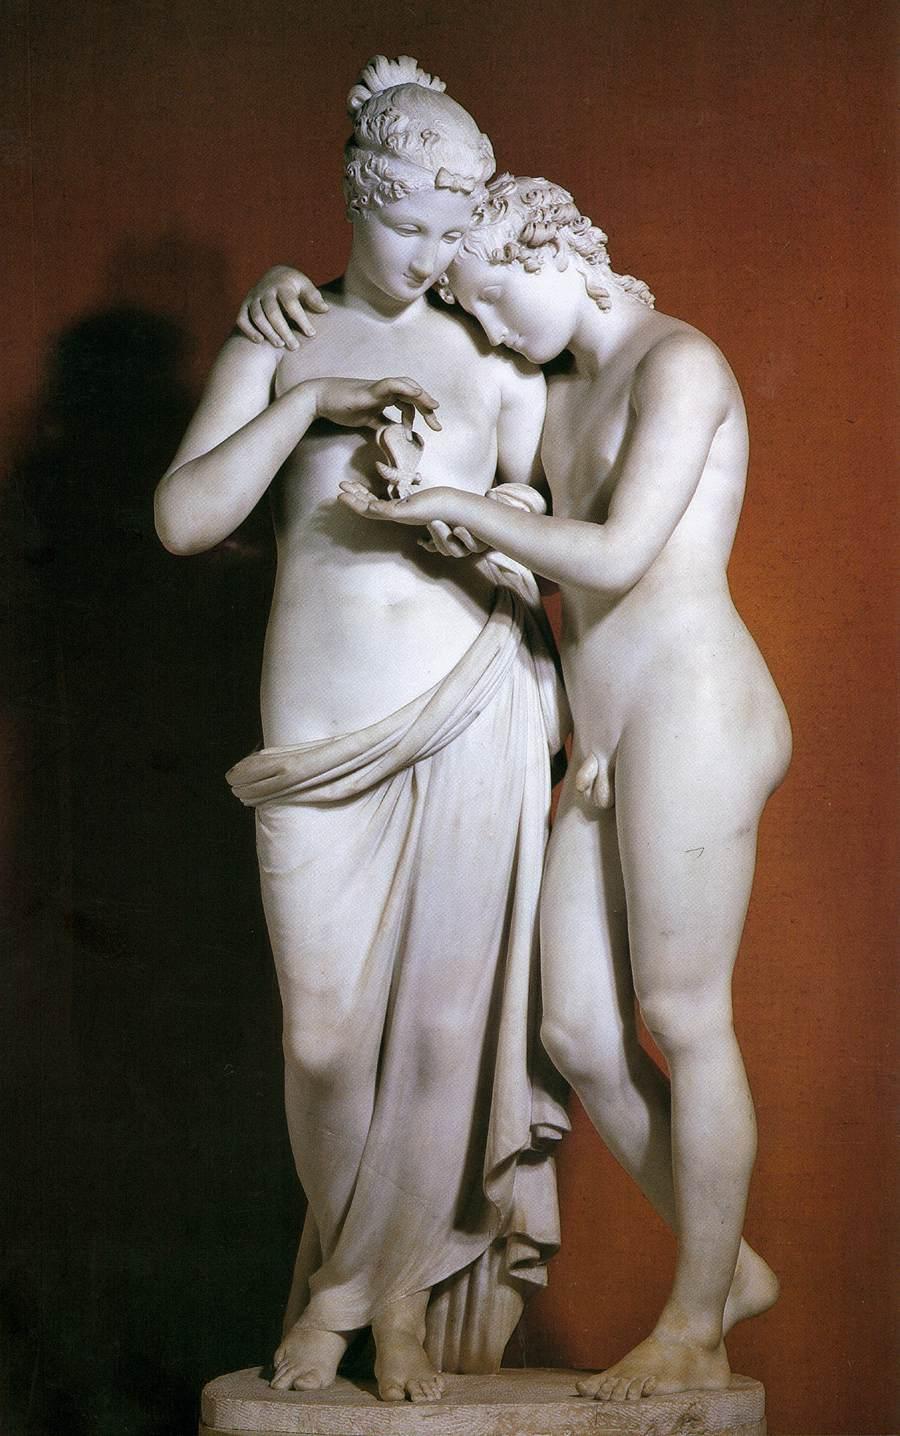 Arte de Antonio Canova